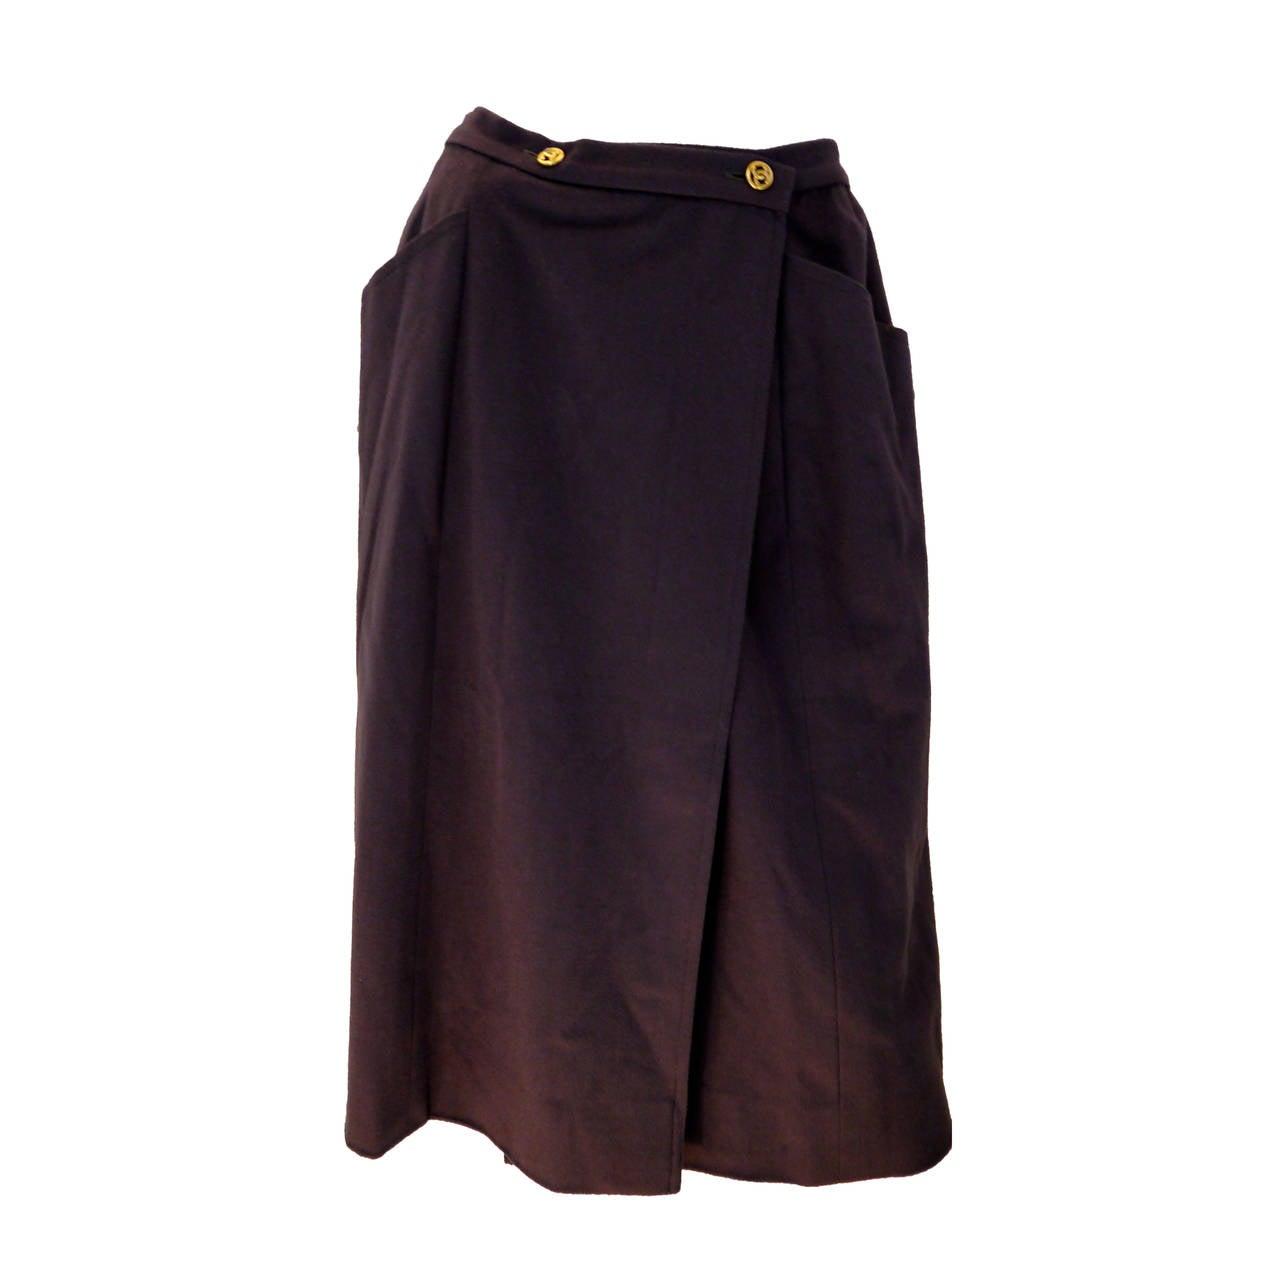 Chanel Skirt - Ash Brown - 1980's